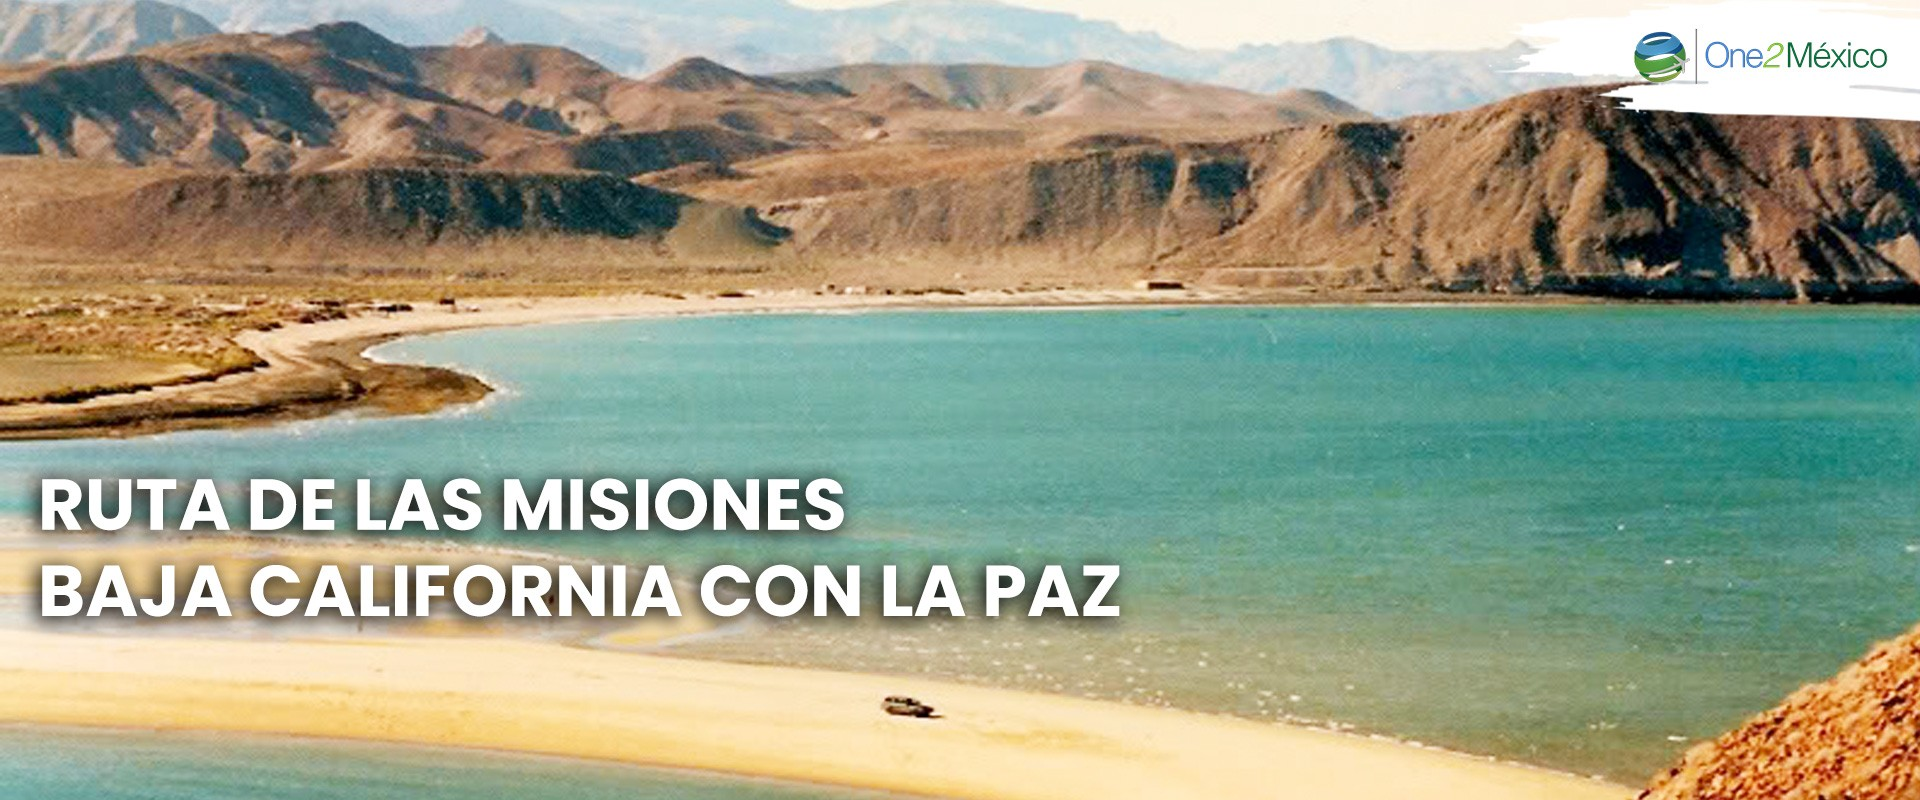 Ruta de las Misiones Baja California con La Paz, Baja California